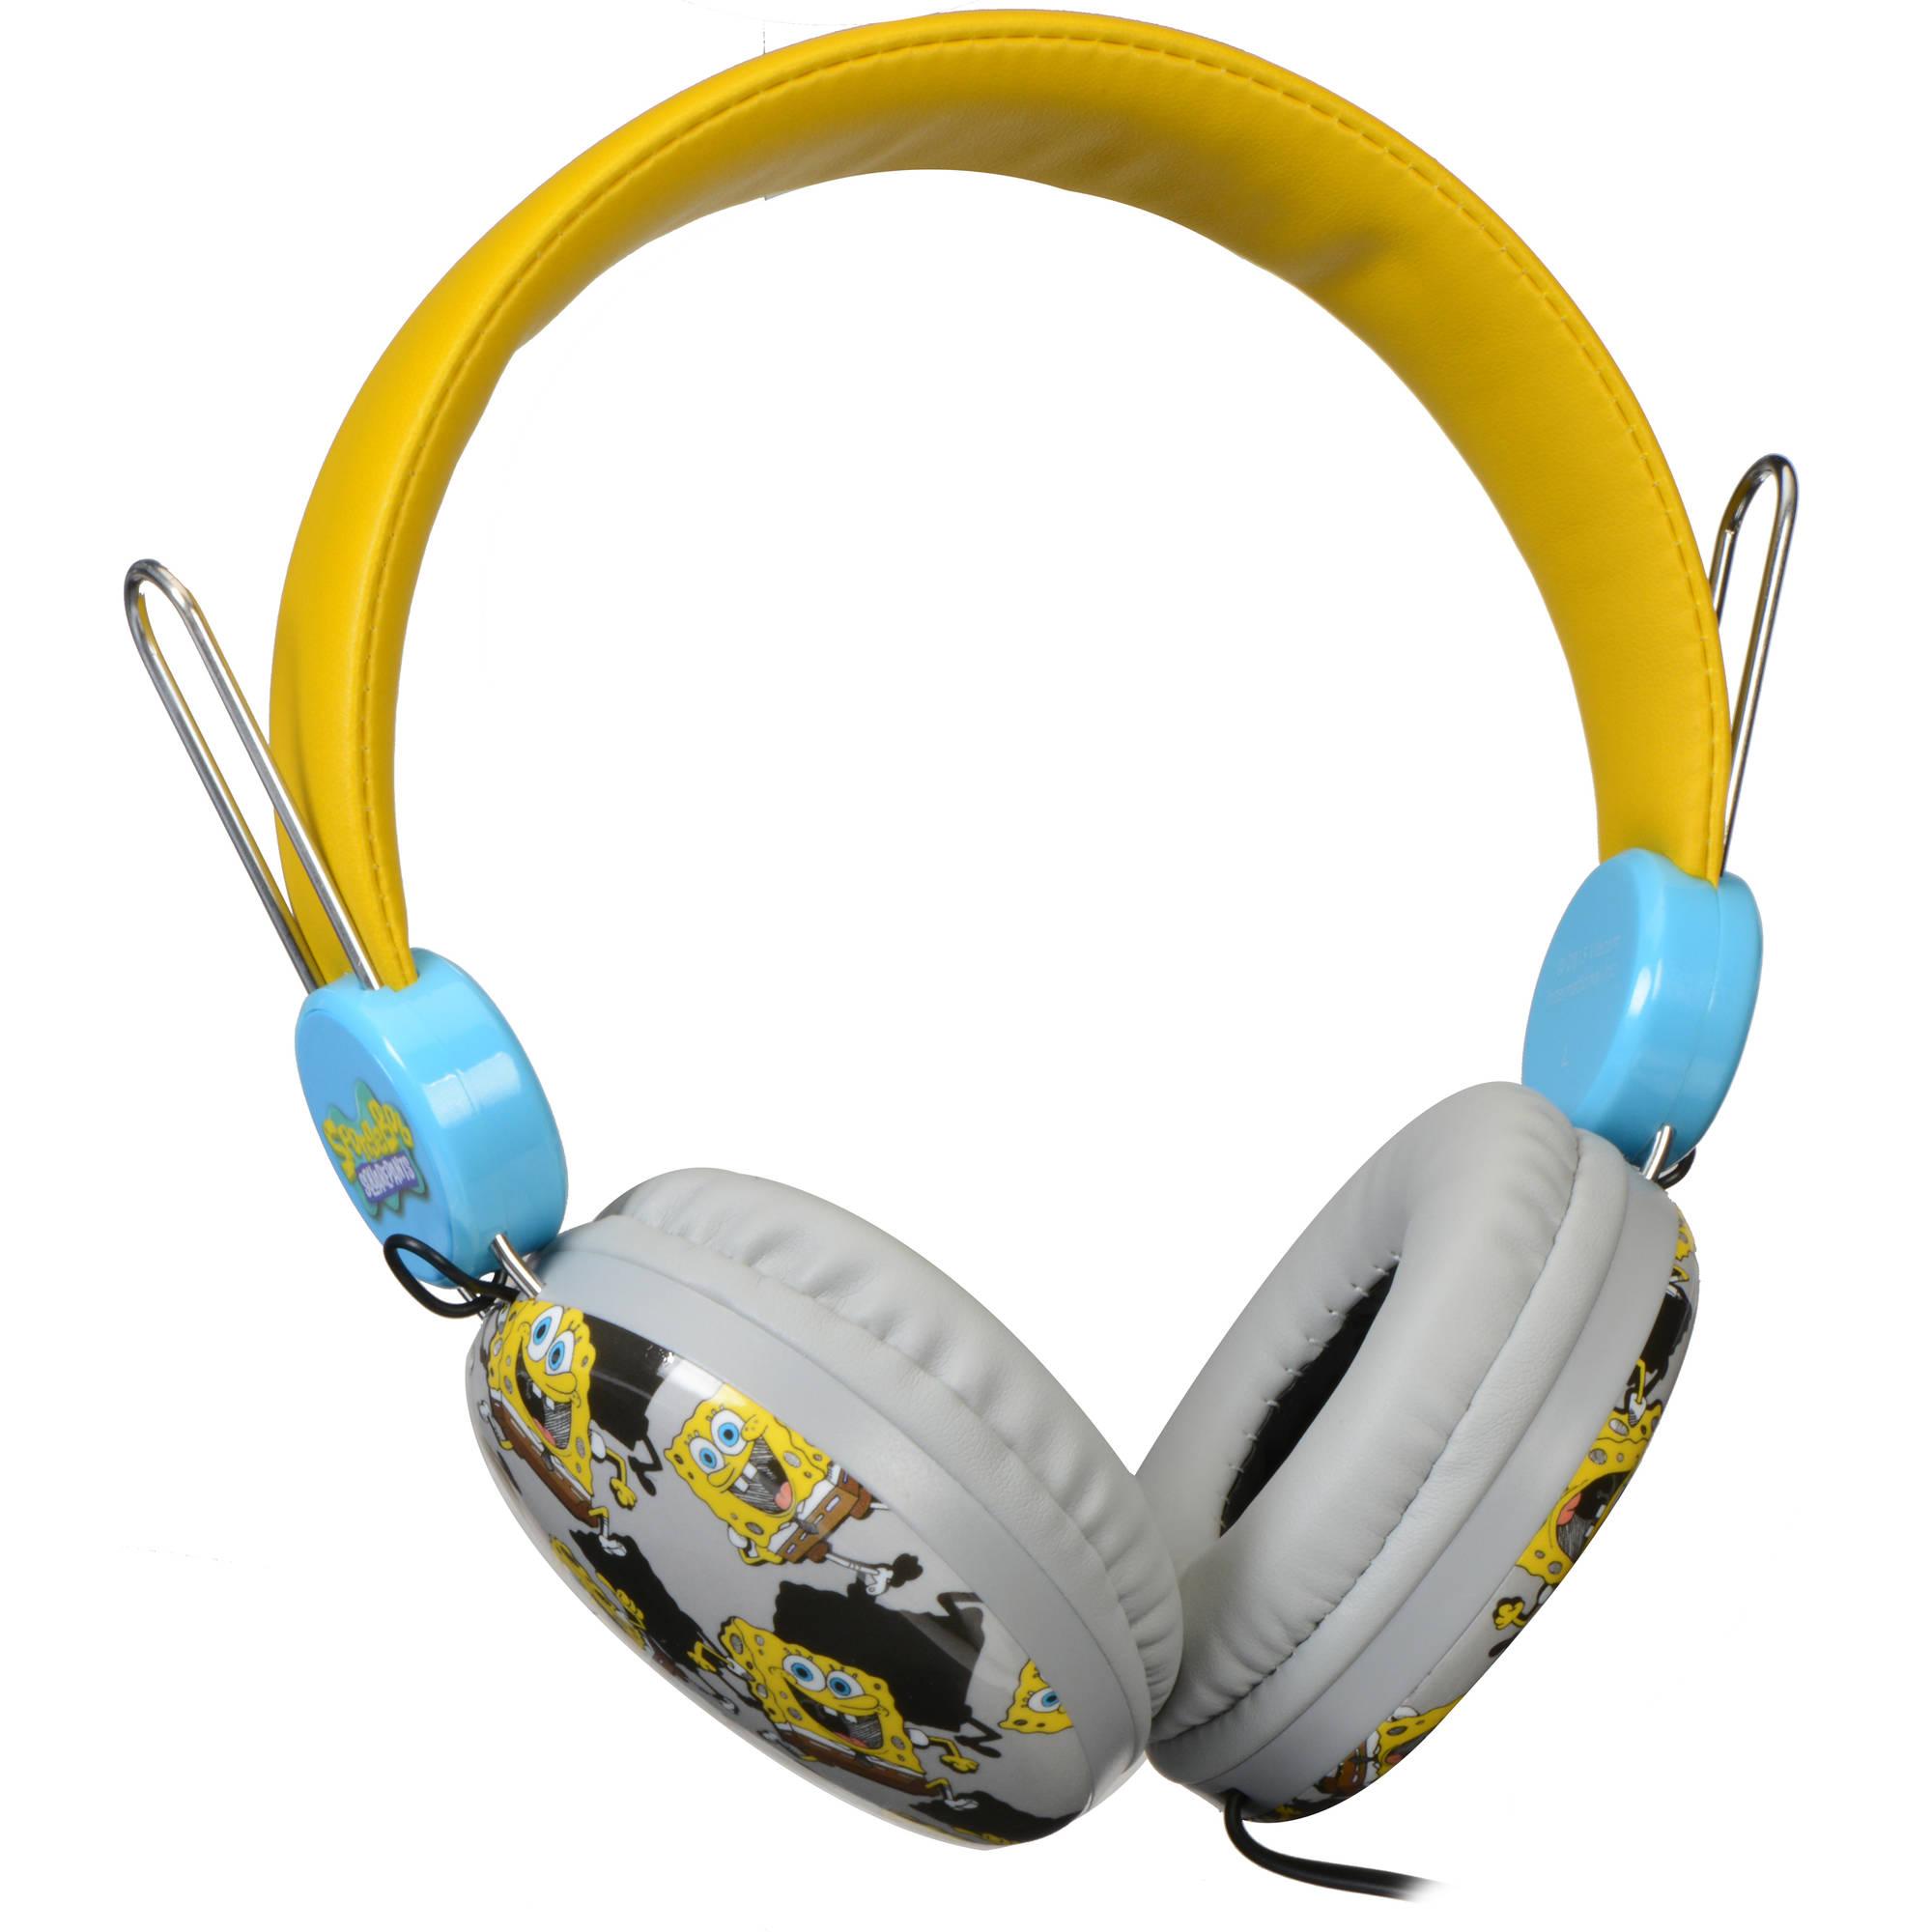 Sakar SpongeBob SquarePants Headphones